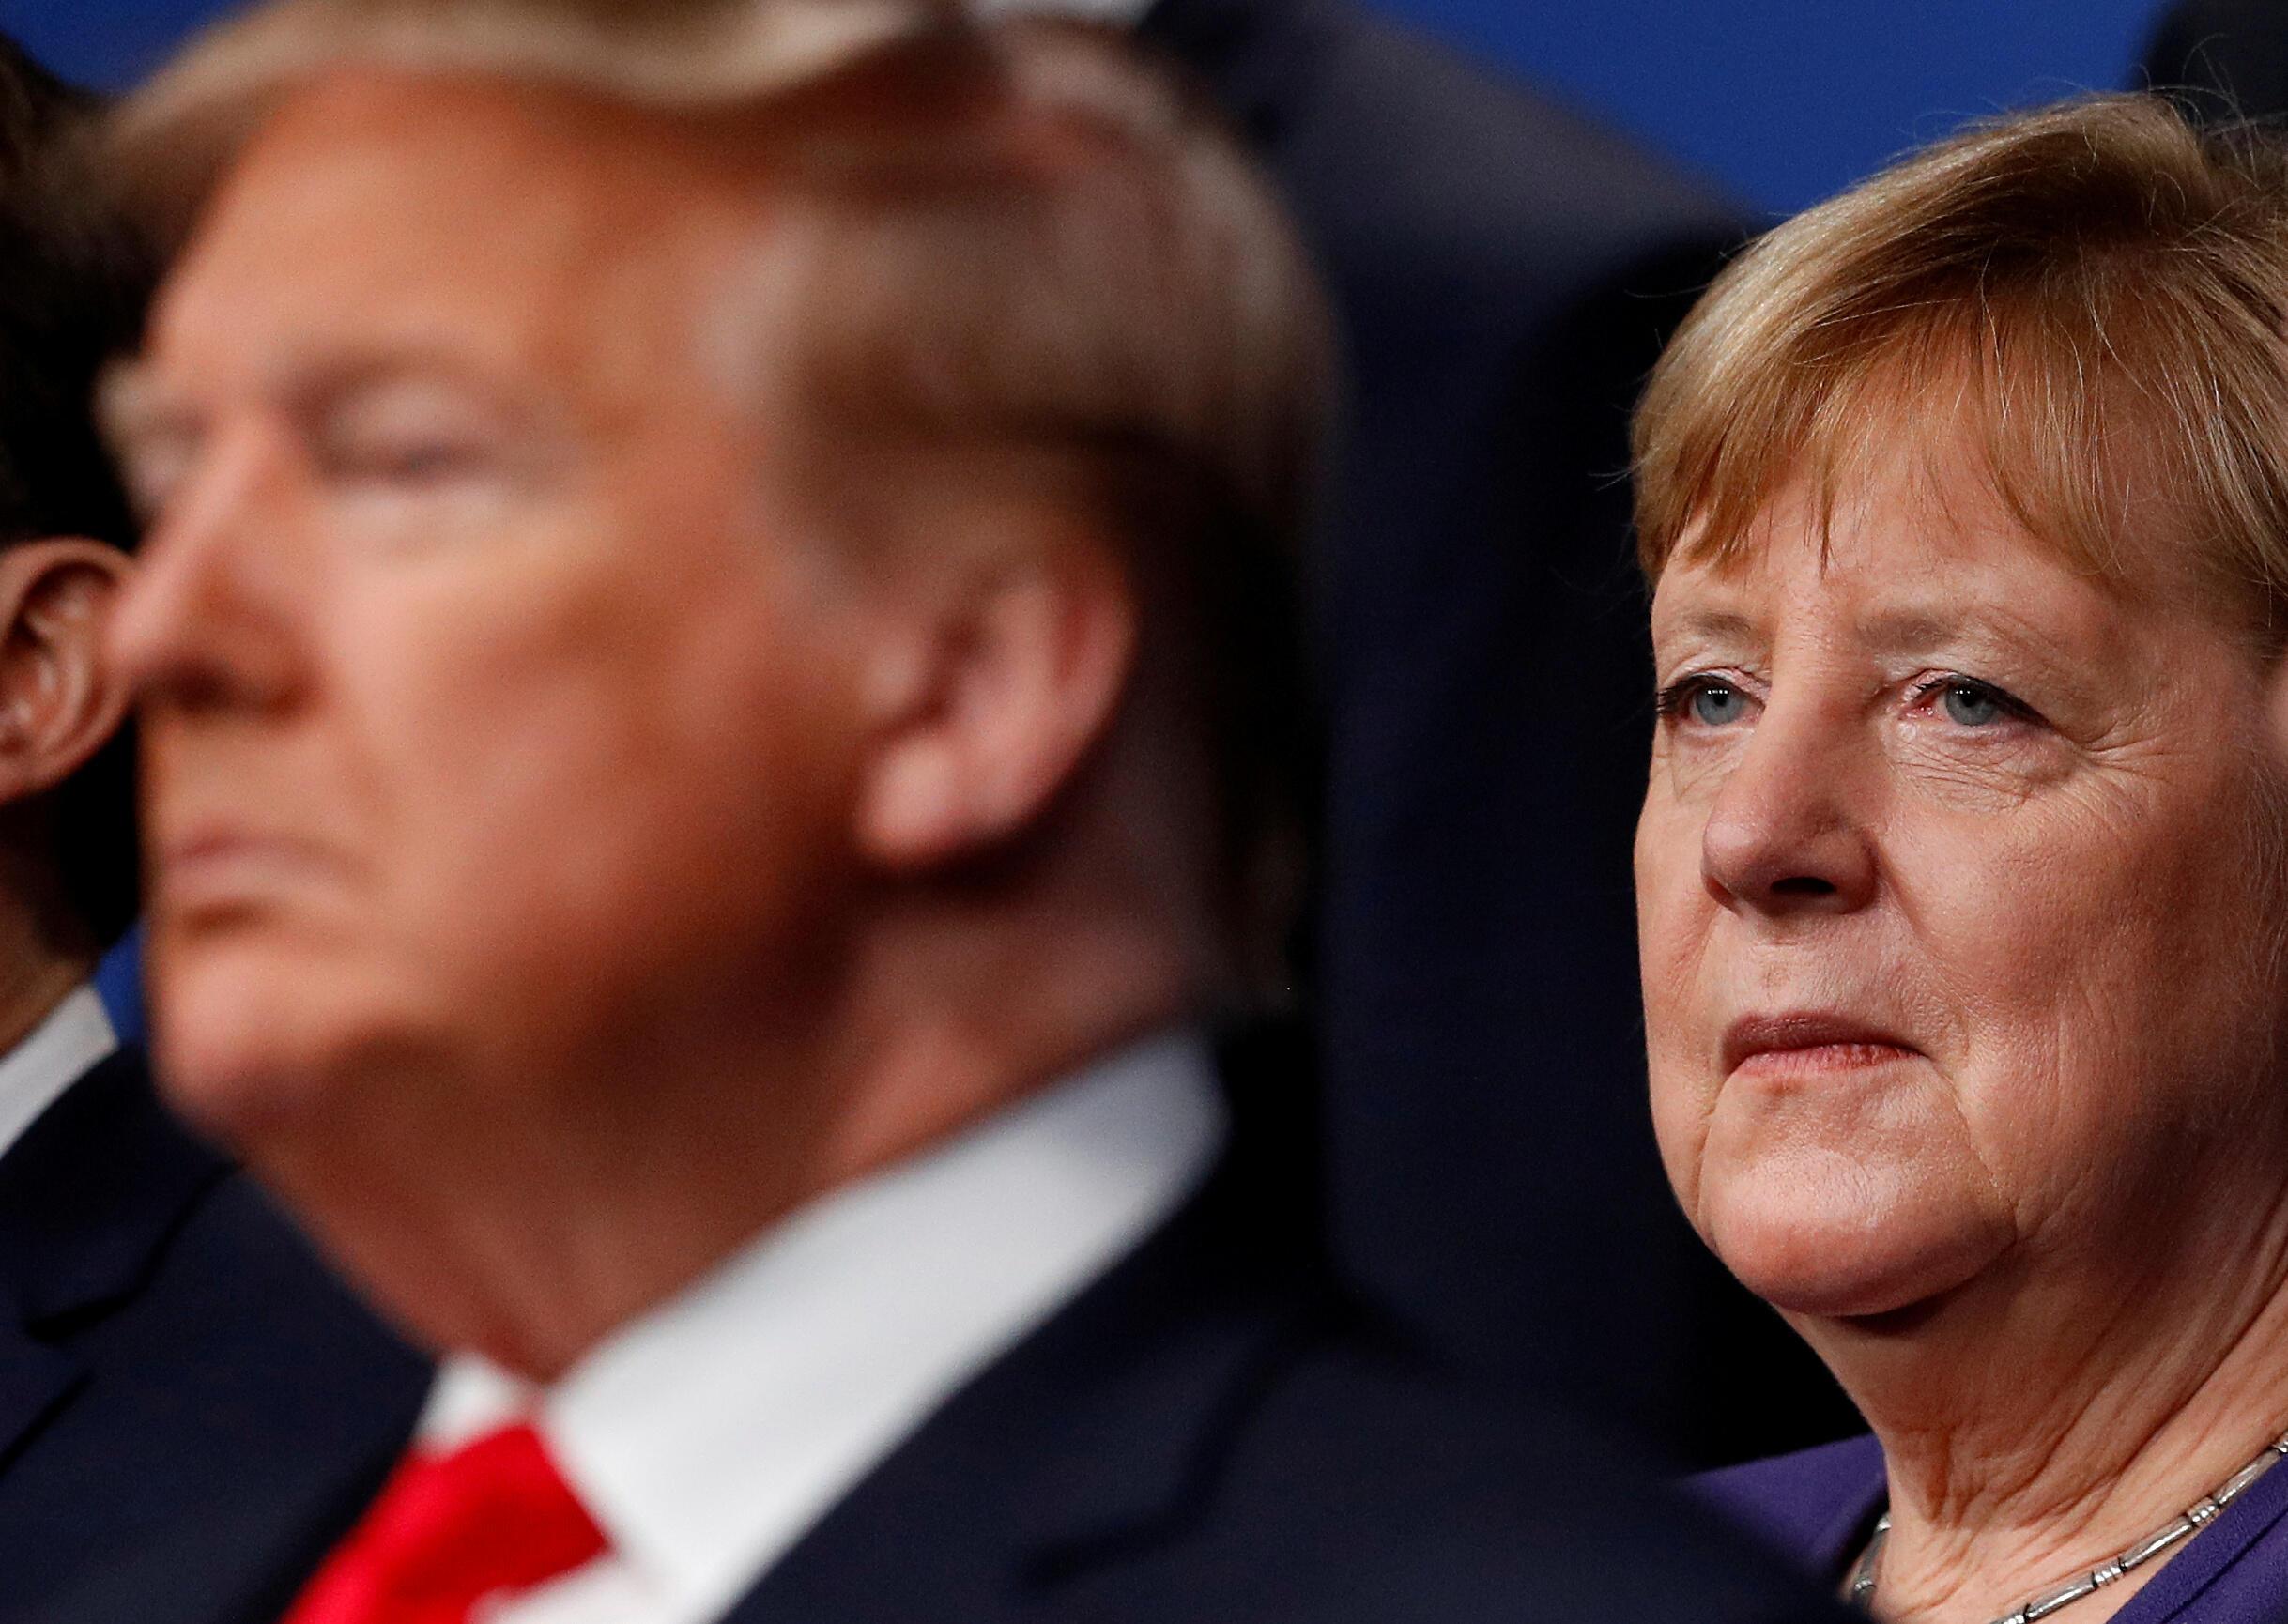 Angela Merkel refuse de se rendre en personne au sommet du G7 organisé par Trump aux Etats-Unis en juin.